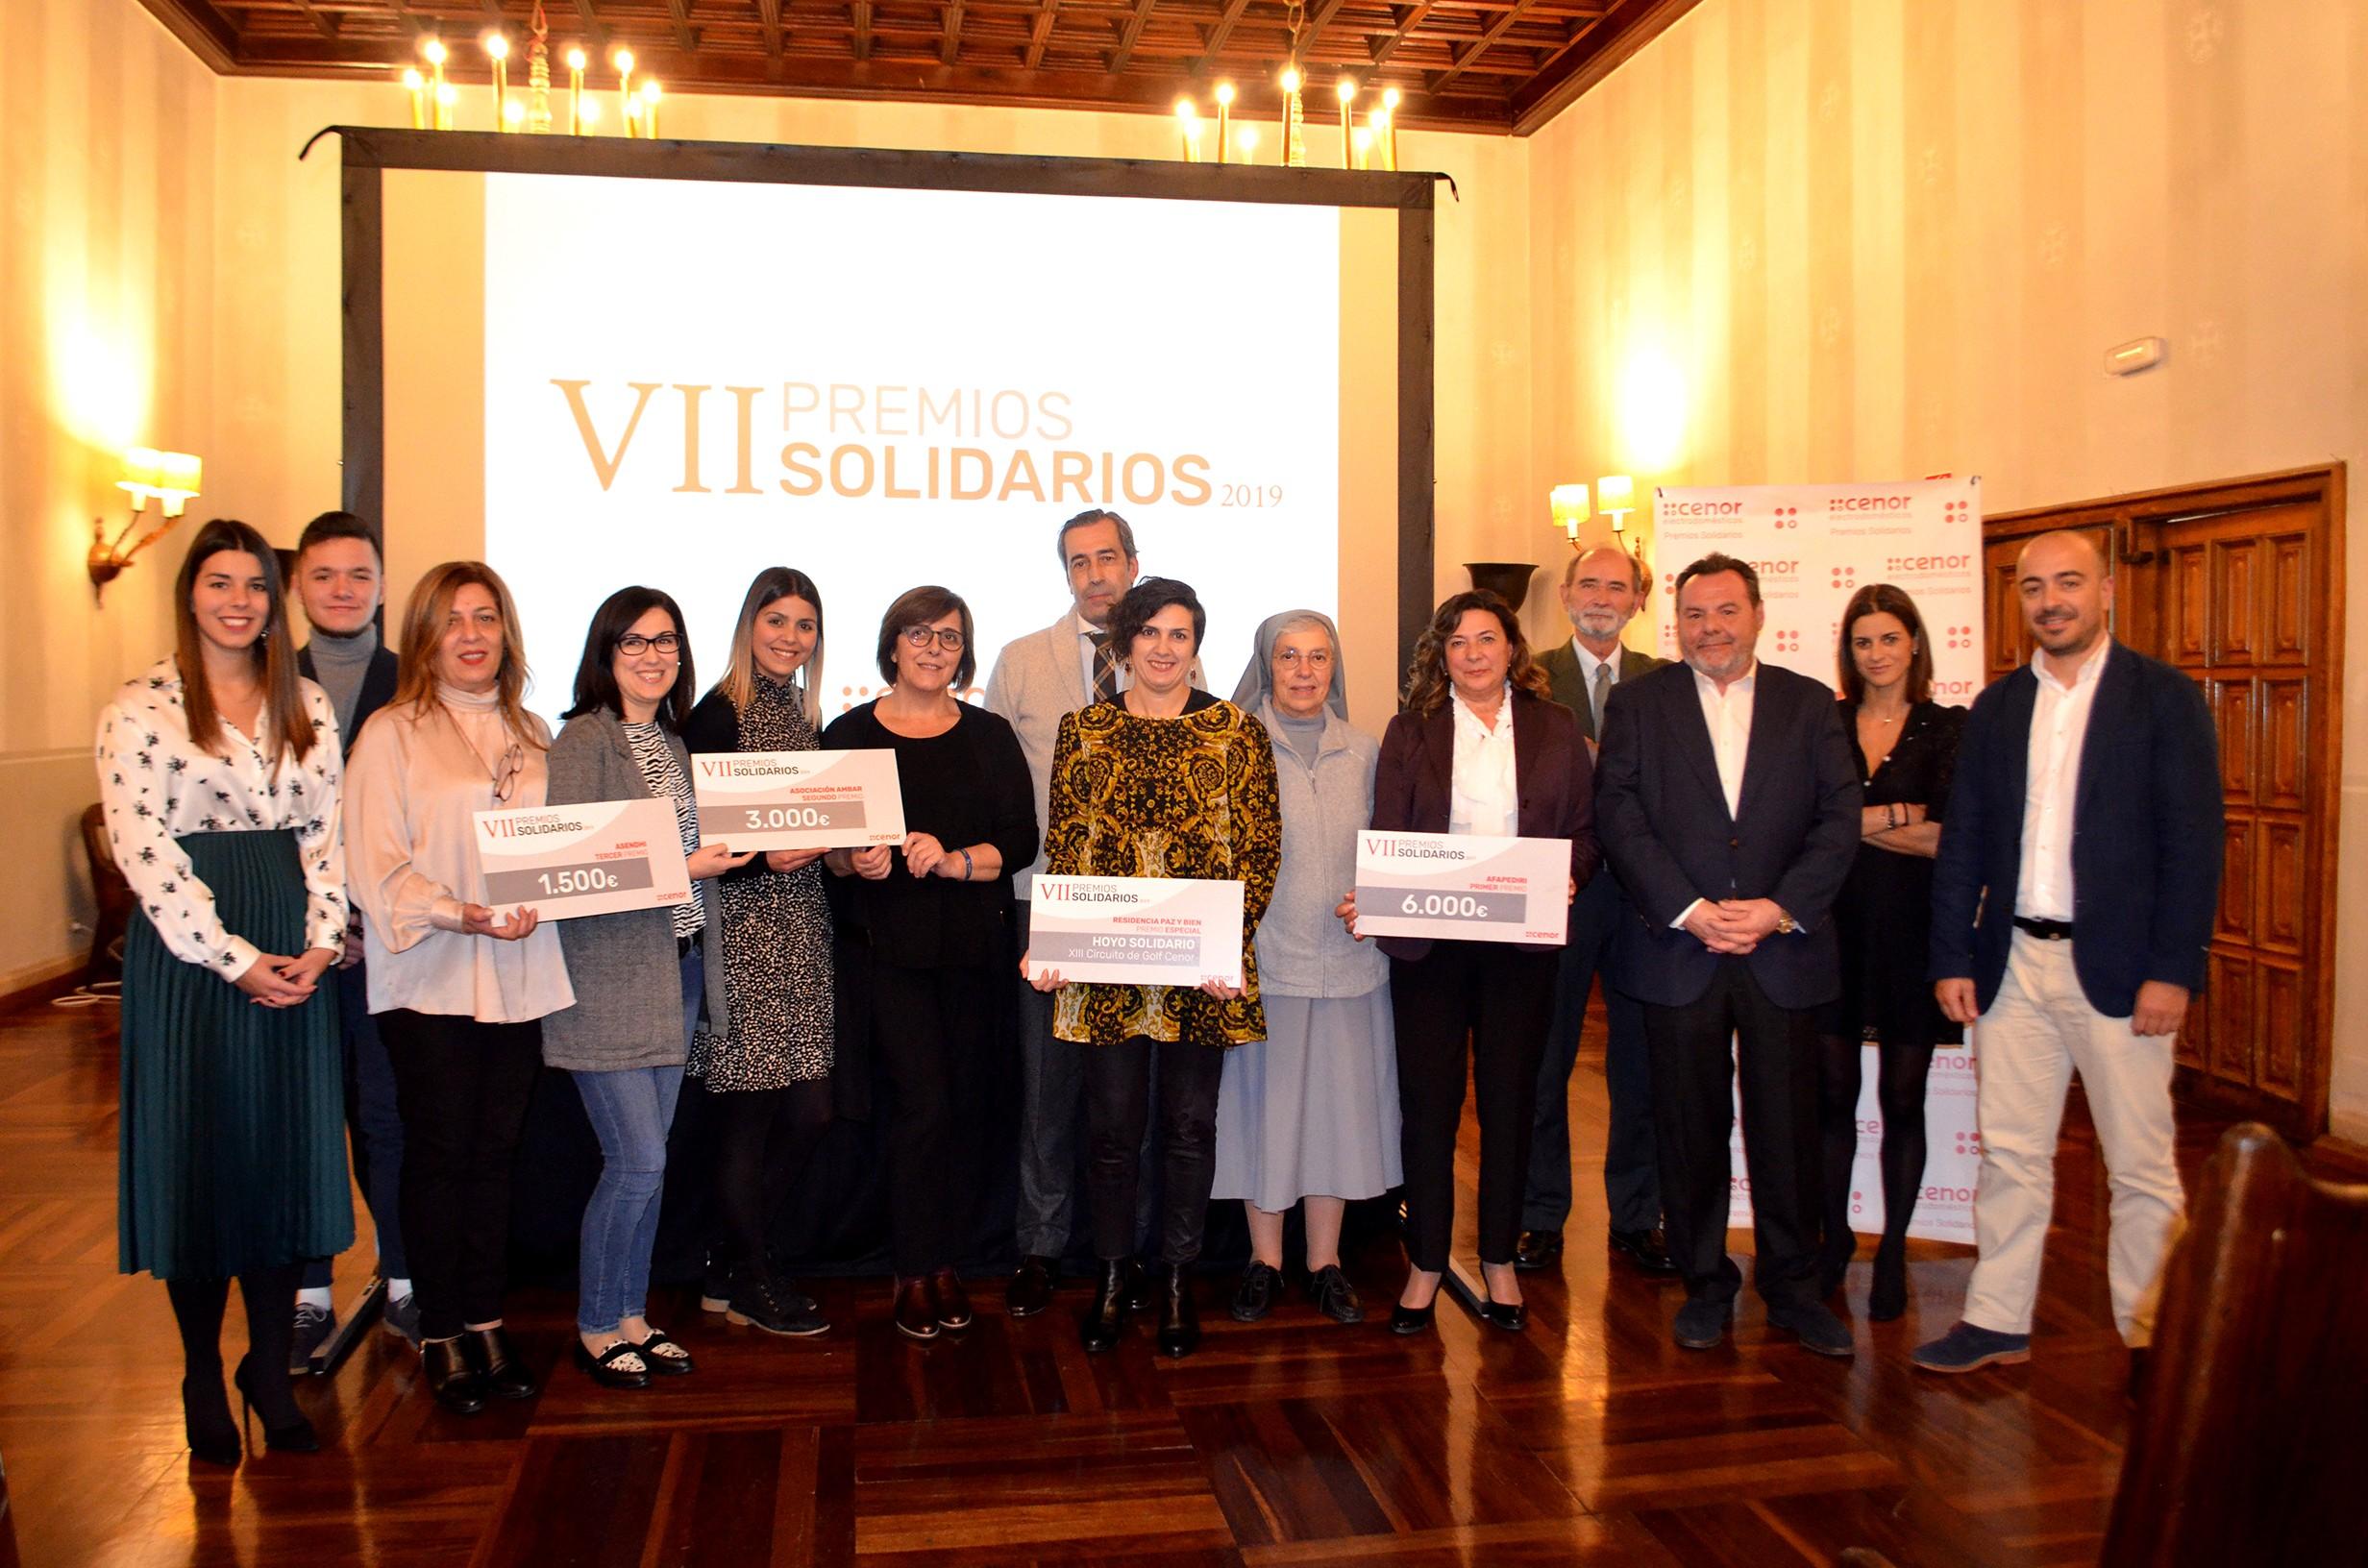 Premiados VII Premios Solidarios Cenor 2019.jpg